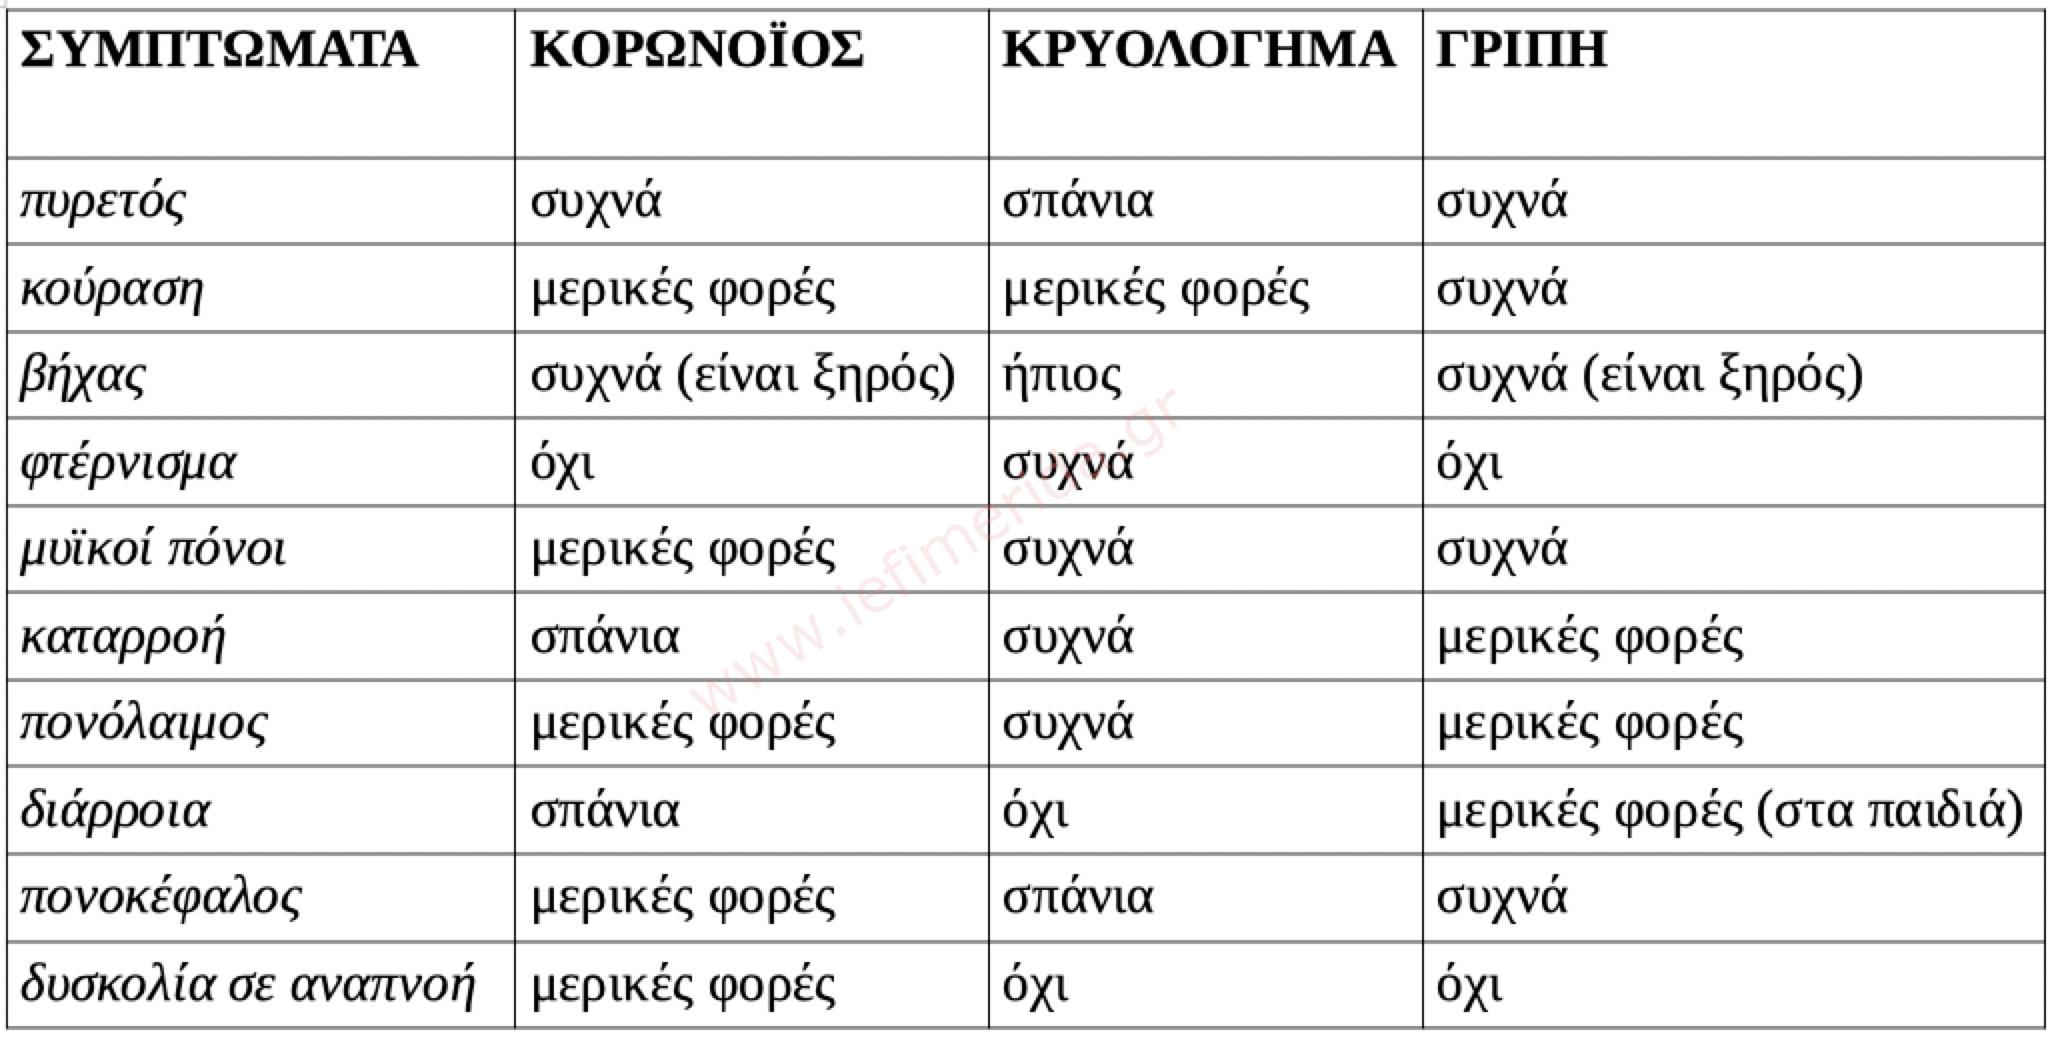 πίνακας με τα συμπτώματα κατά περίπτωση σύμφωνα με τον Παγκόσμιο Οργανισμό Υγείας Πηγή: iefimerida.gr - https://www.iefimerida.gr/ygeia/koronoios-covid-19-koino-kryologima-gripi-symptomata